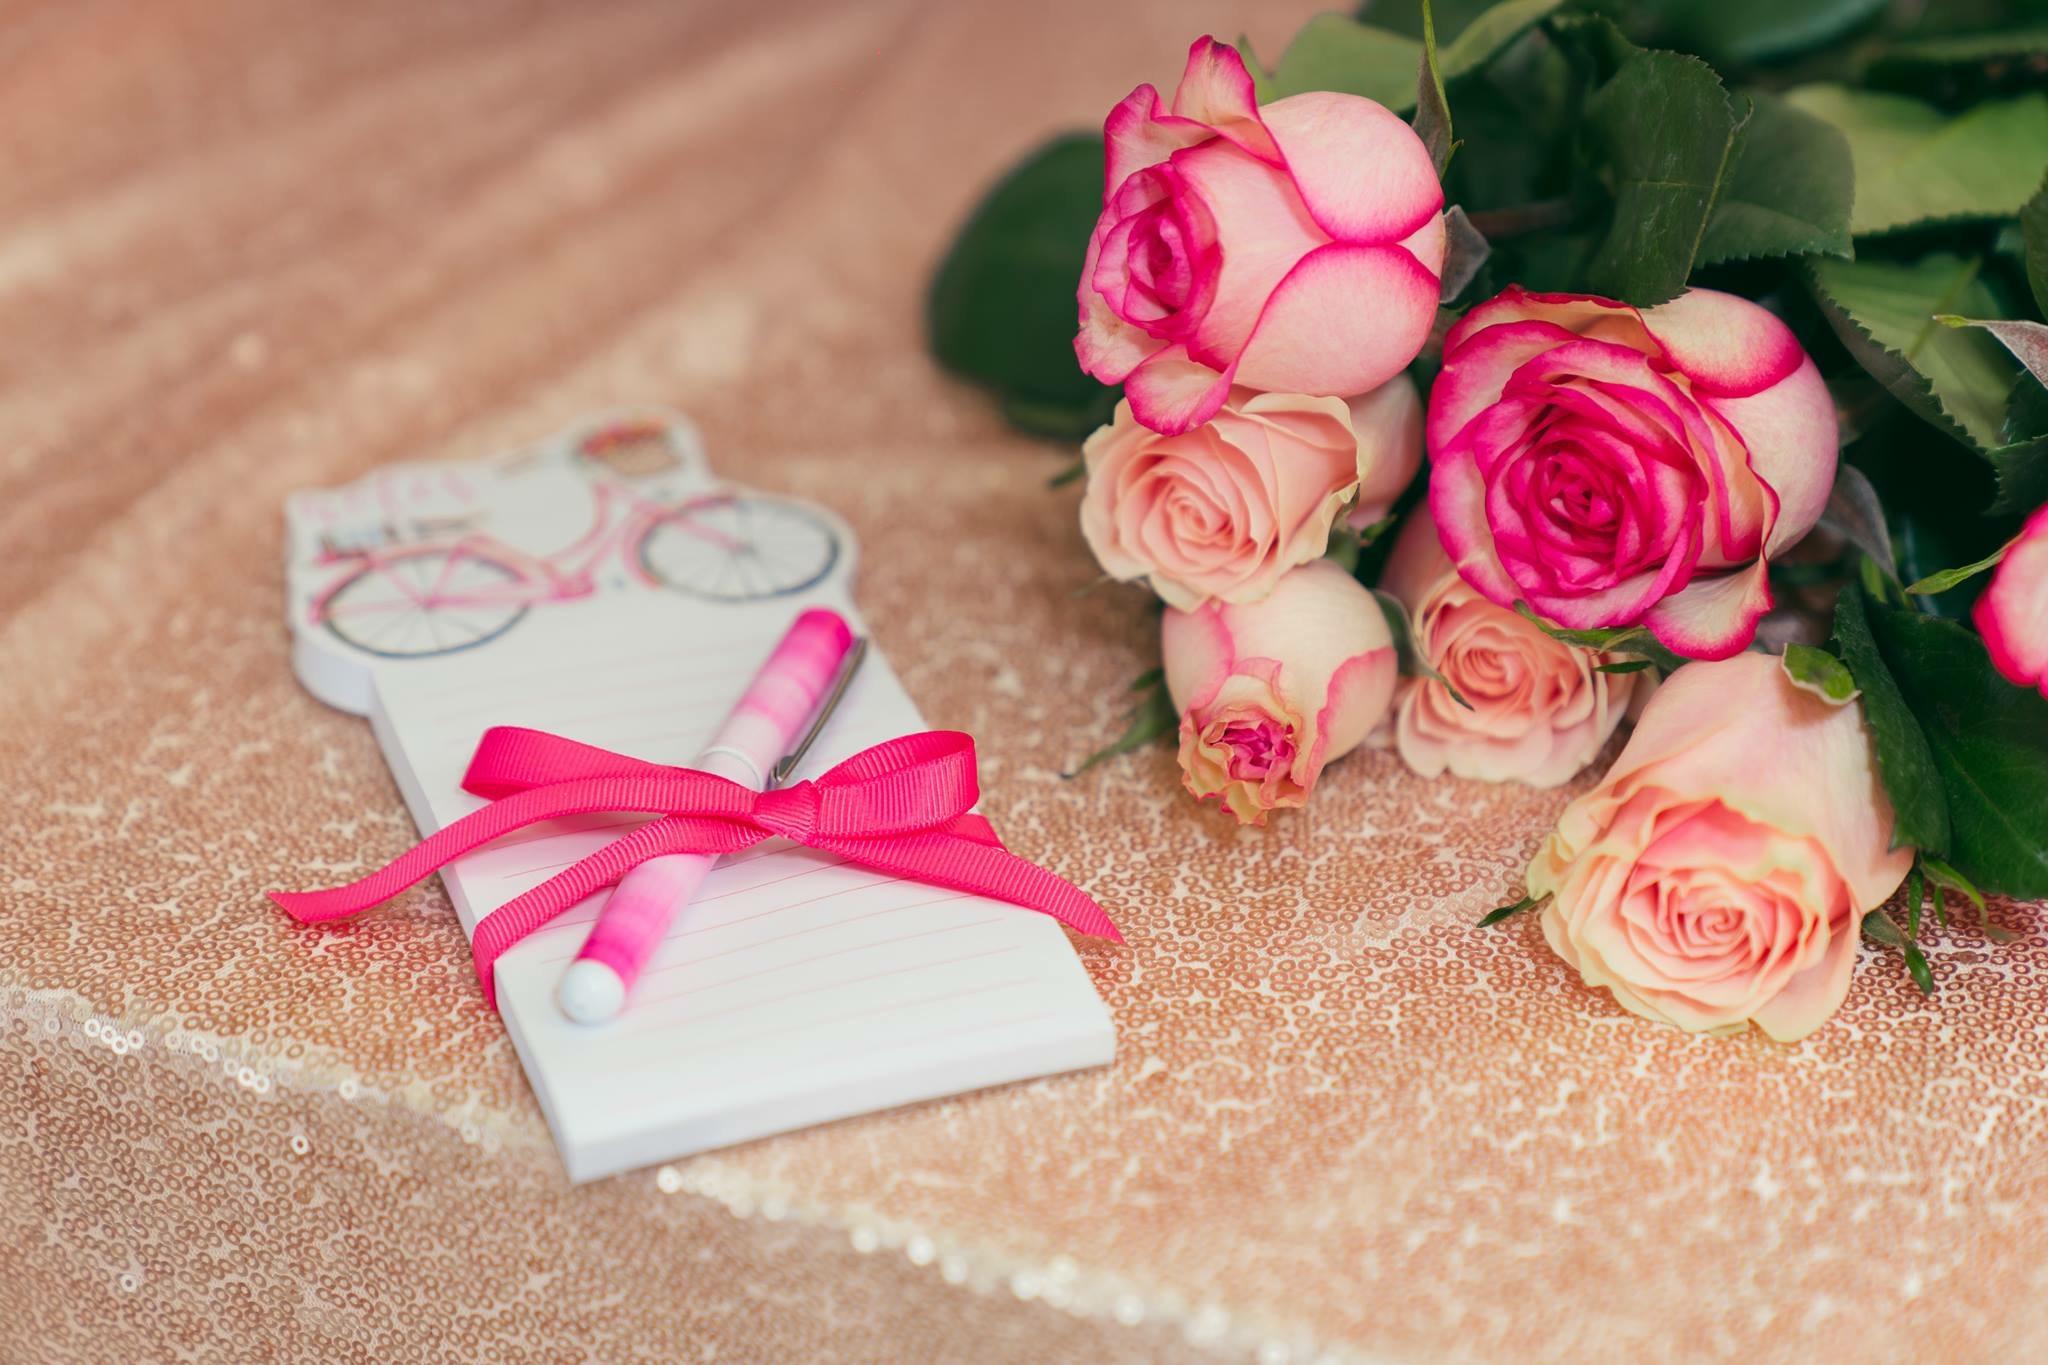 Нежные желания Воздушные мечтания Любви очарование. Блиц: розы